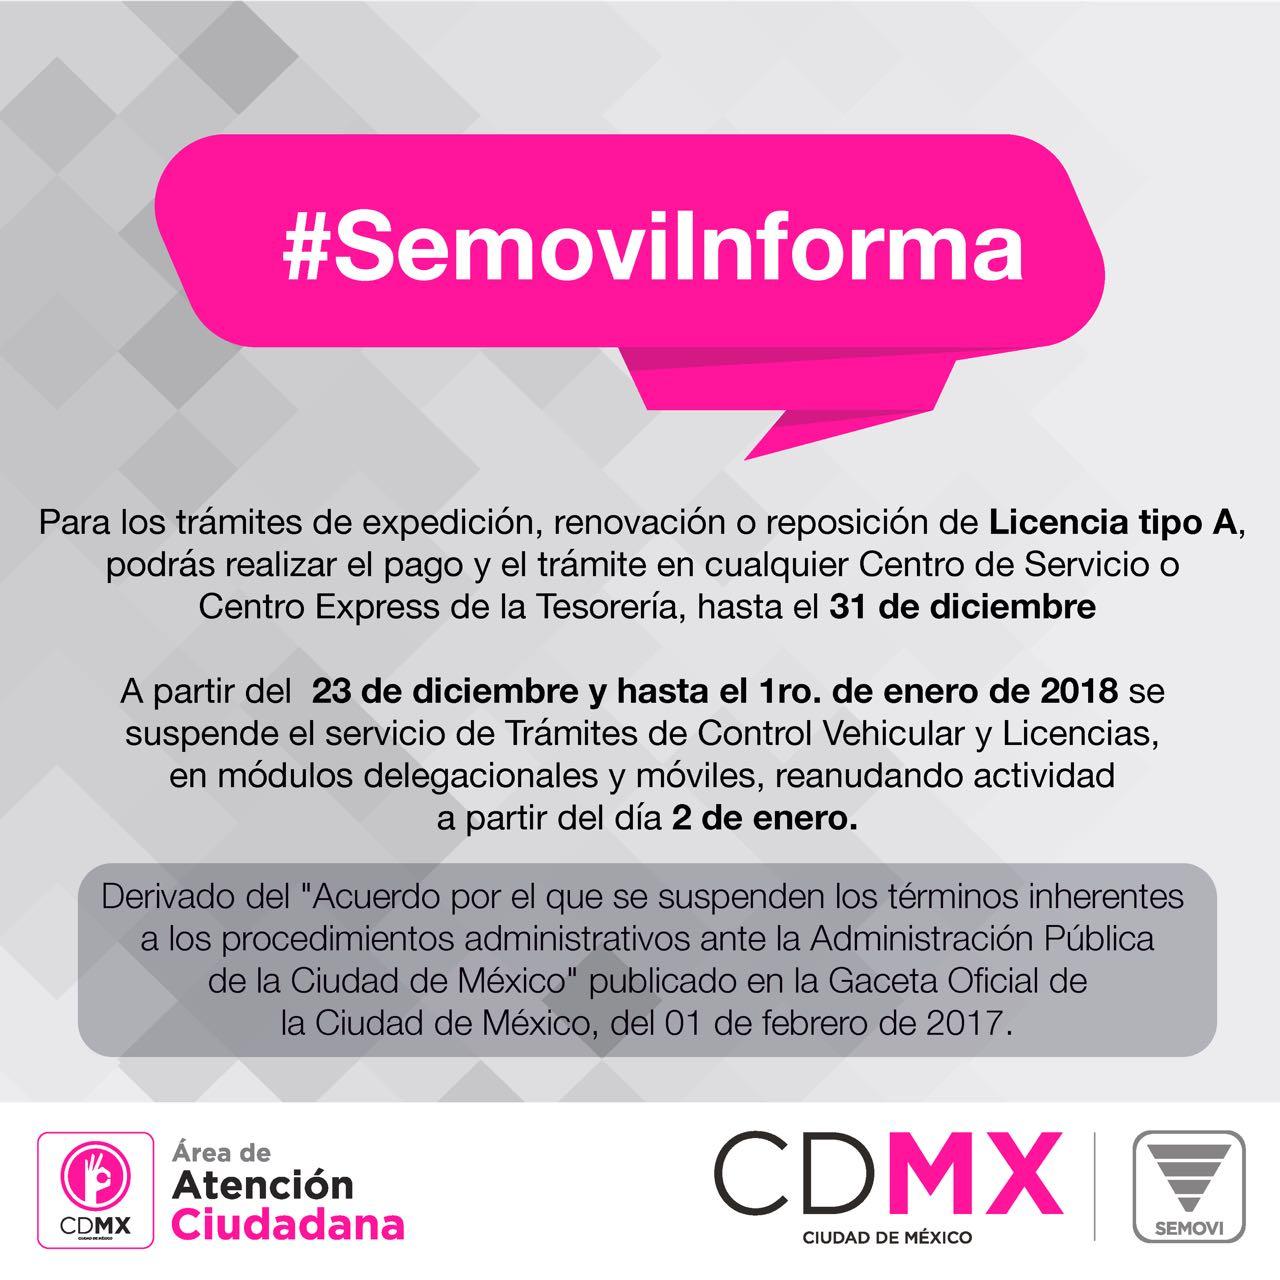 Secretaría De Movilidad Cdmx On Twitter Tramita Tu